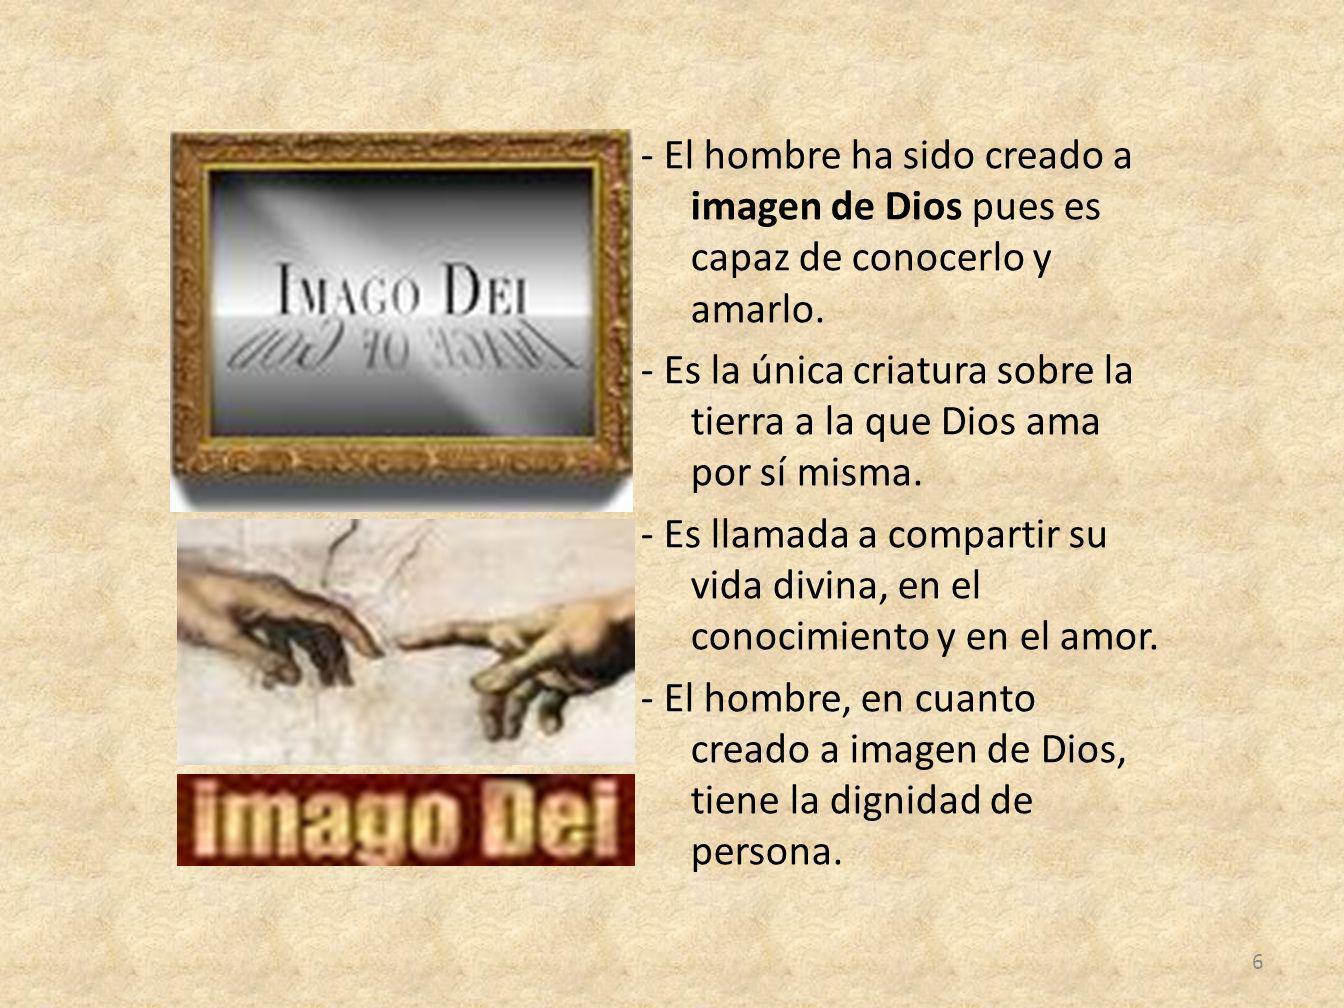 - No es solamente algo, sino alguien capaz de conocerse, de darse libremente y de entrar en comunión con Dios y las otras personas.